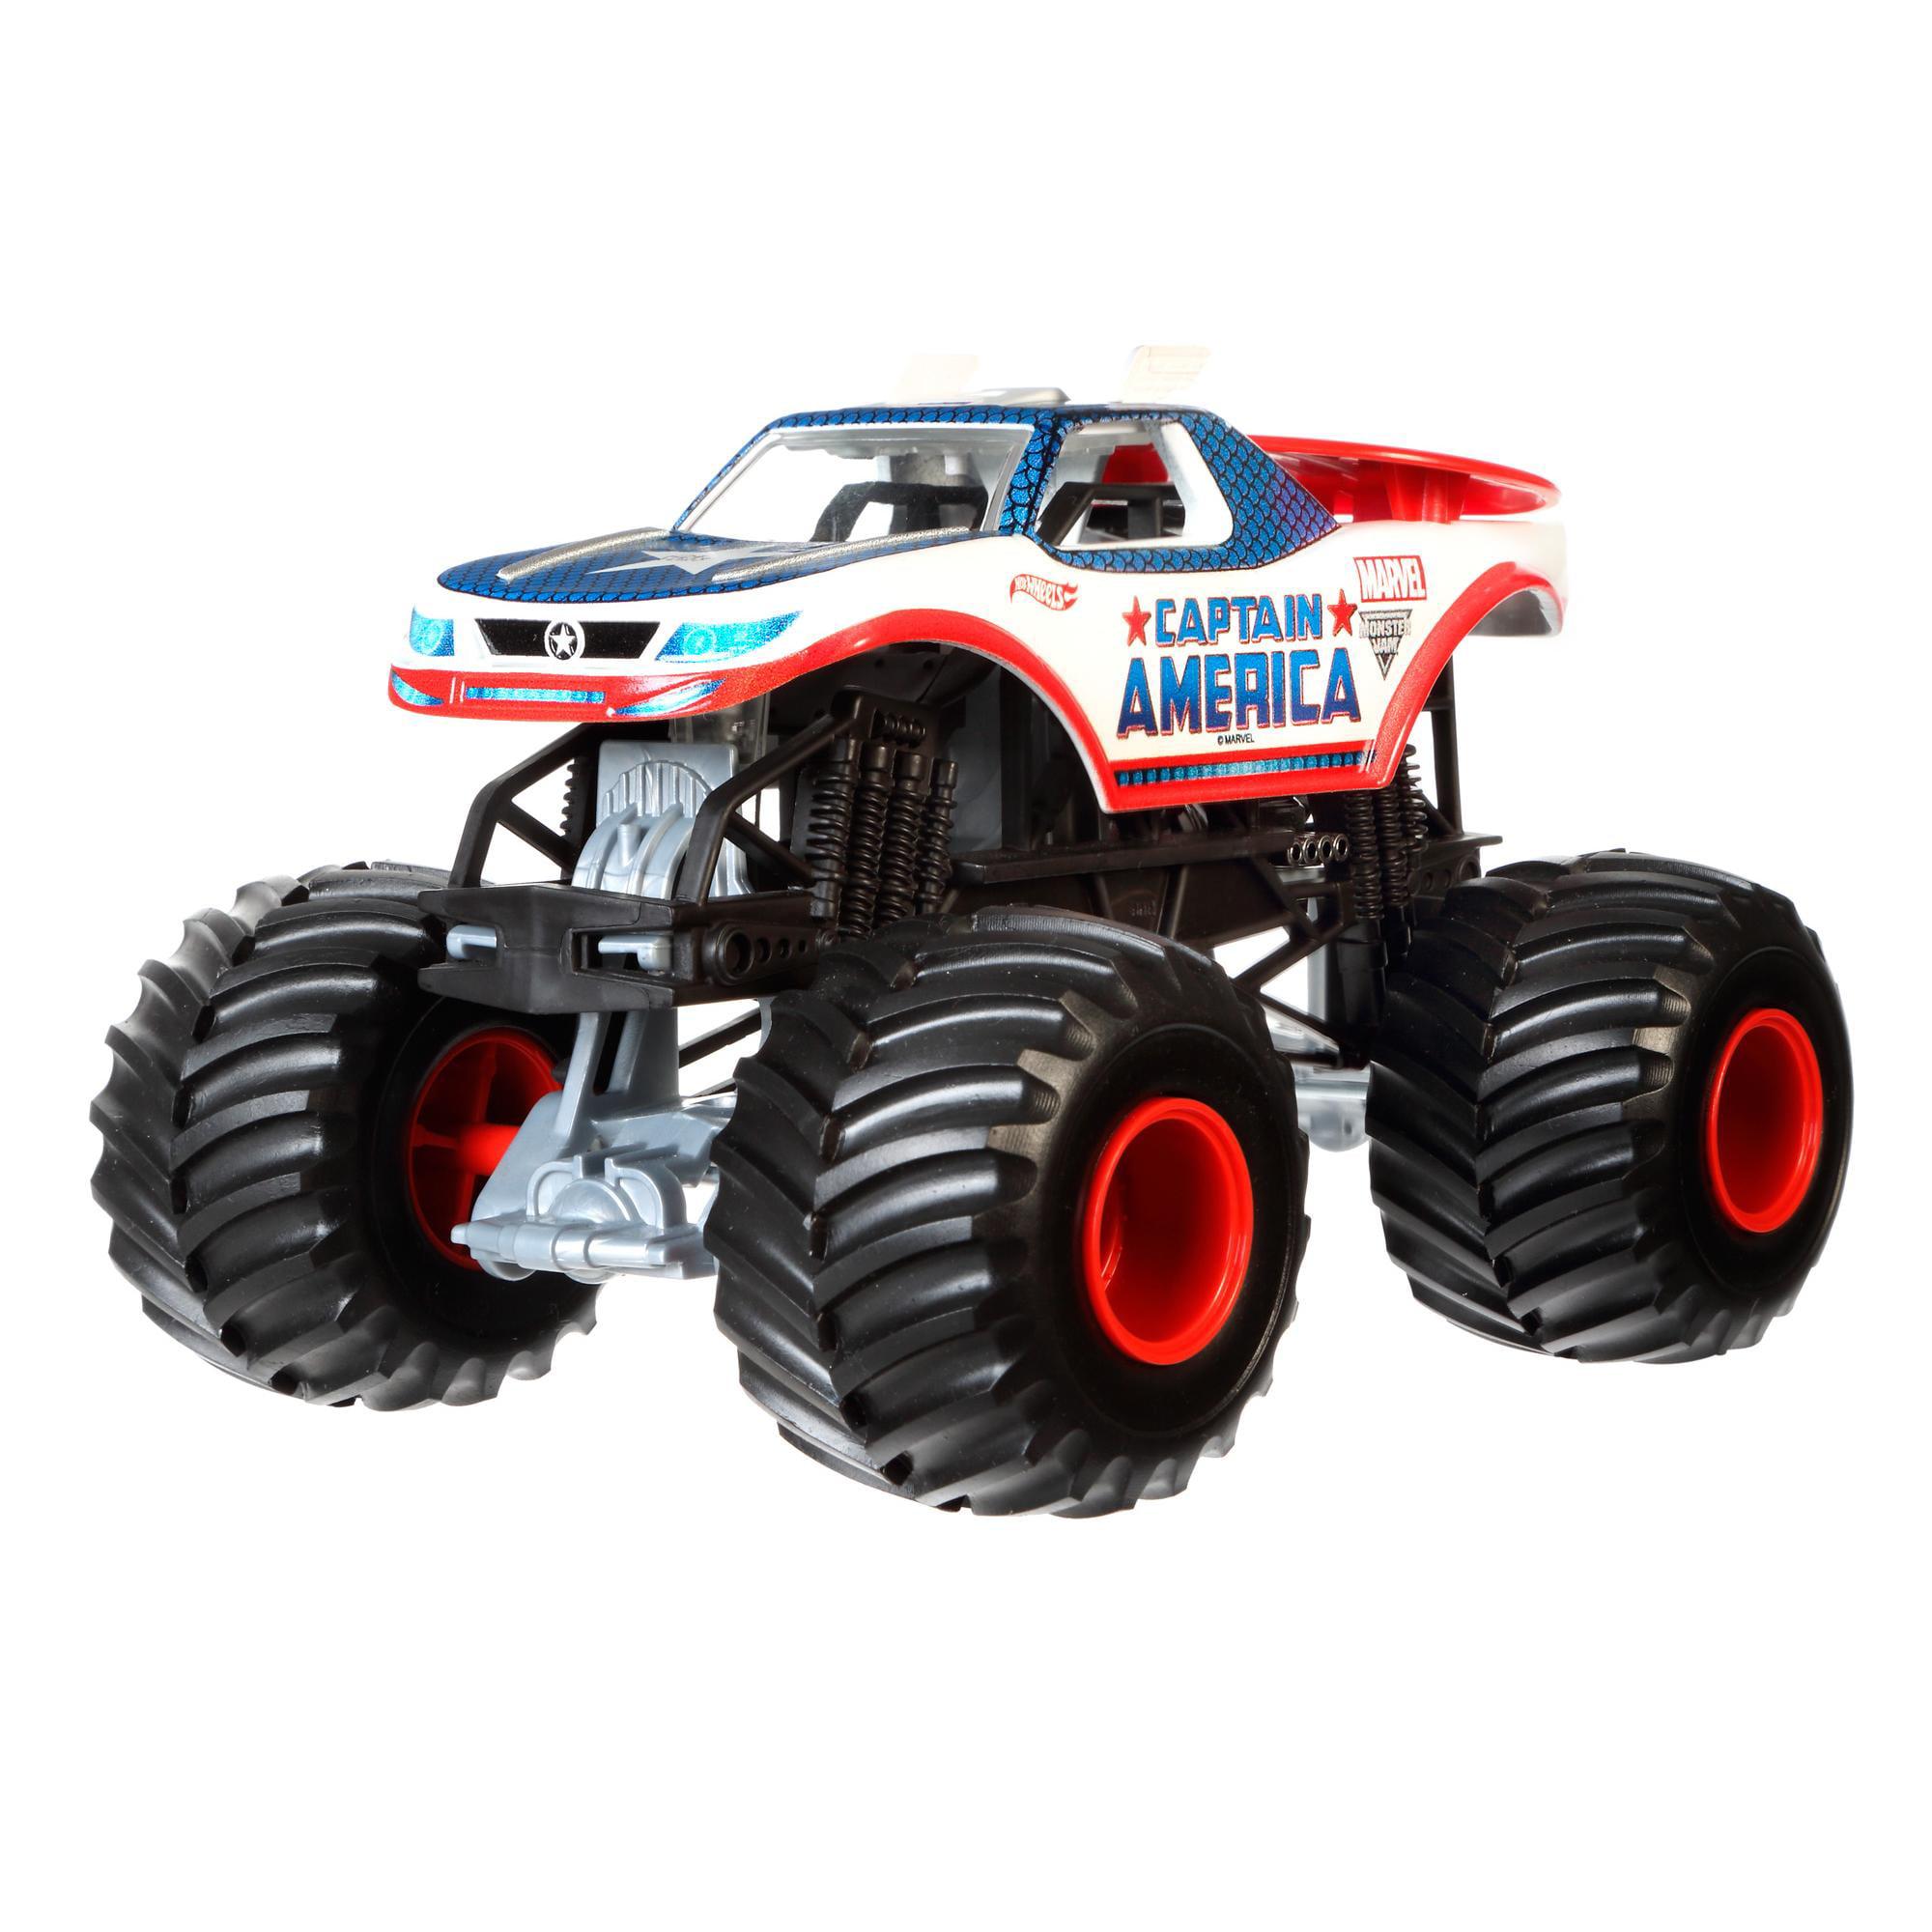 Hot Wheels Monster Jam 1:24 Captain America Die-Cast Vehicle by Generic